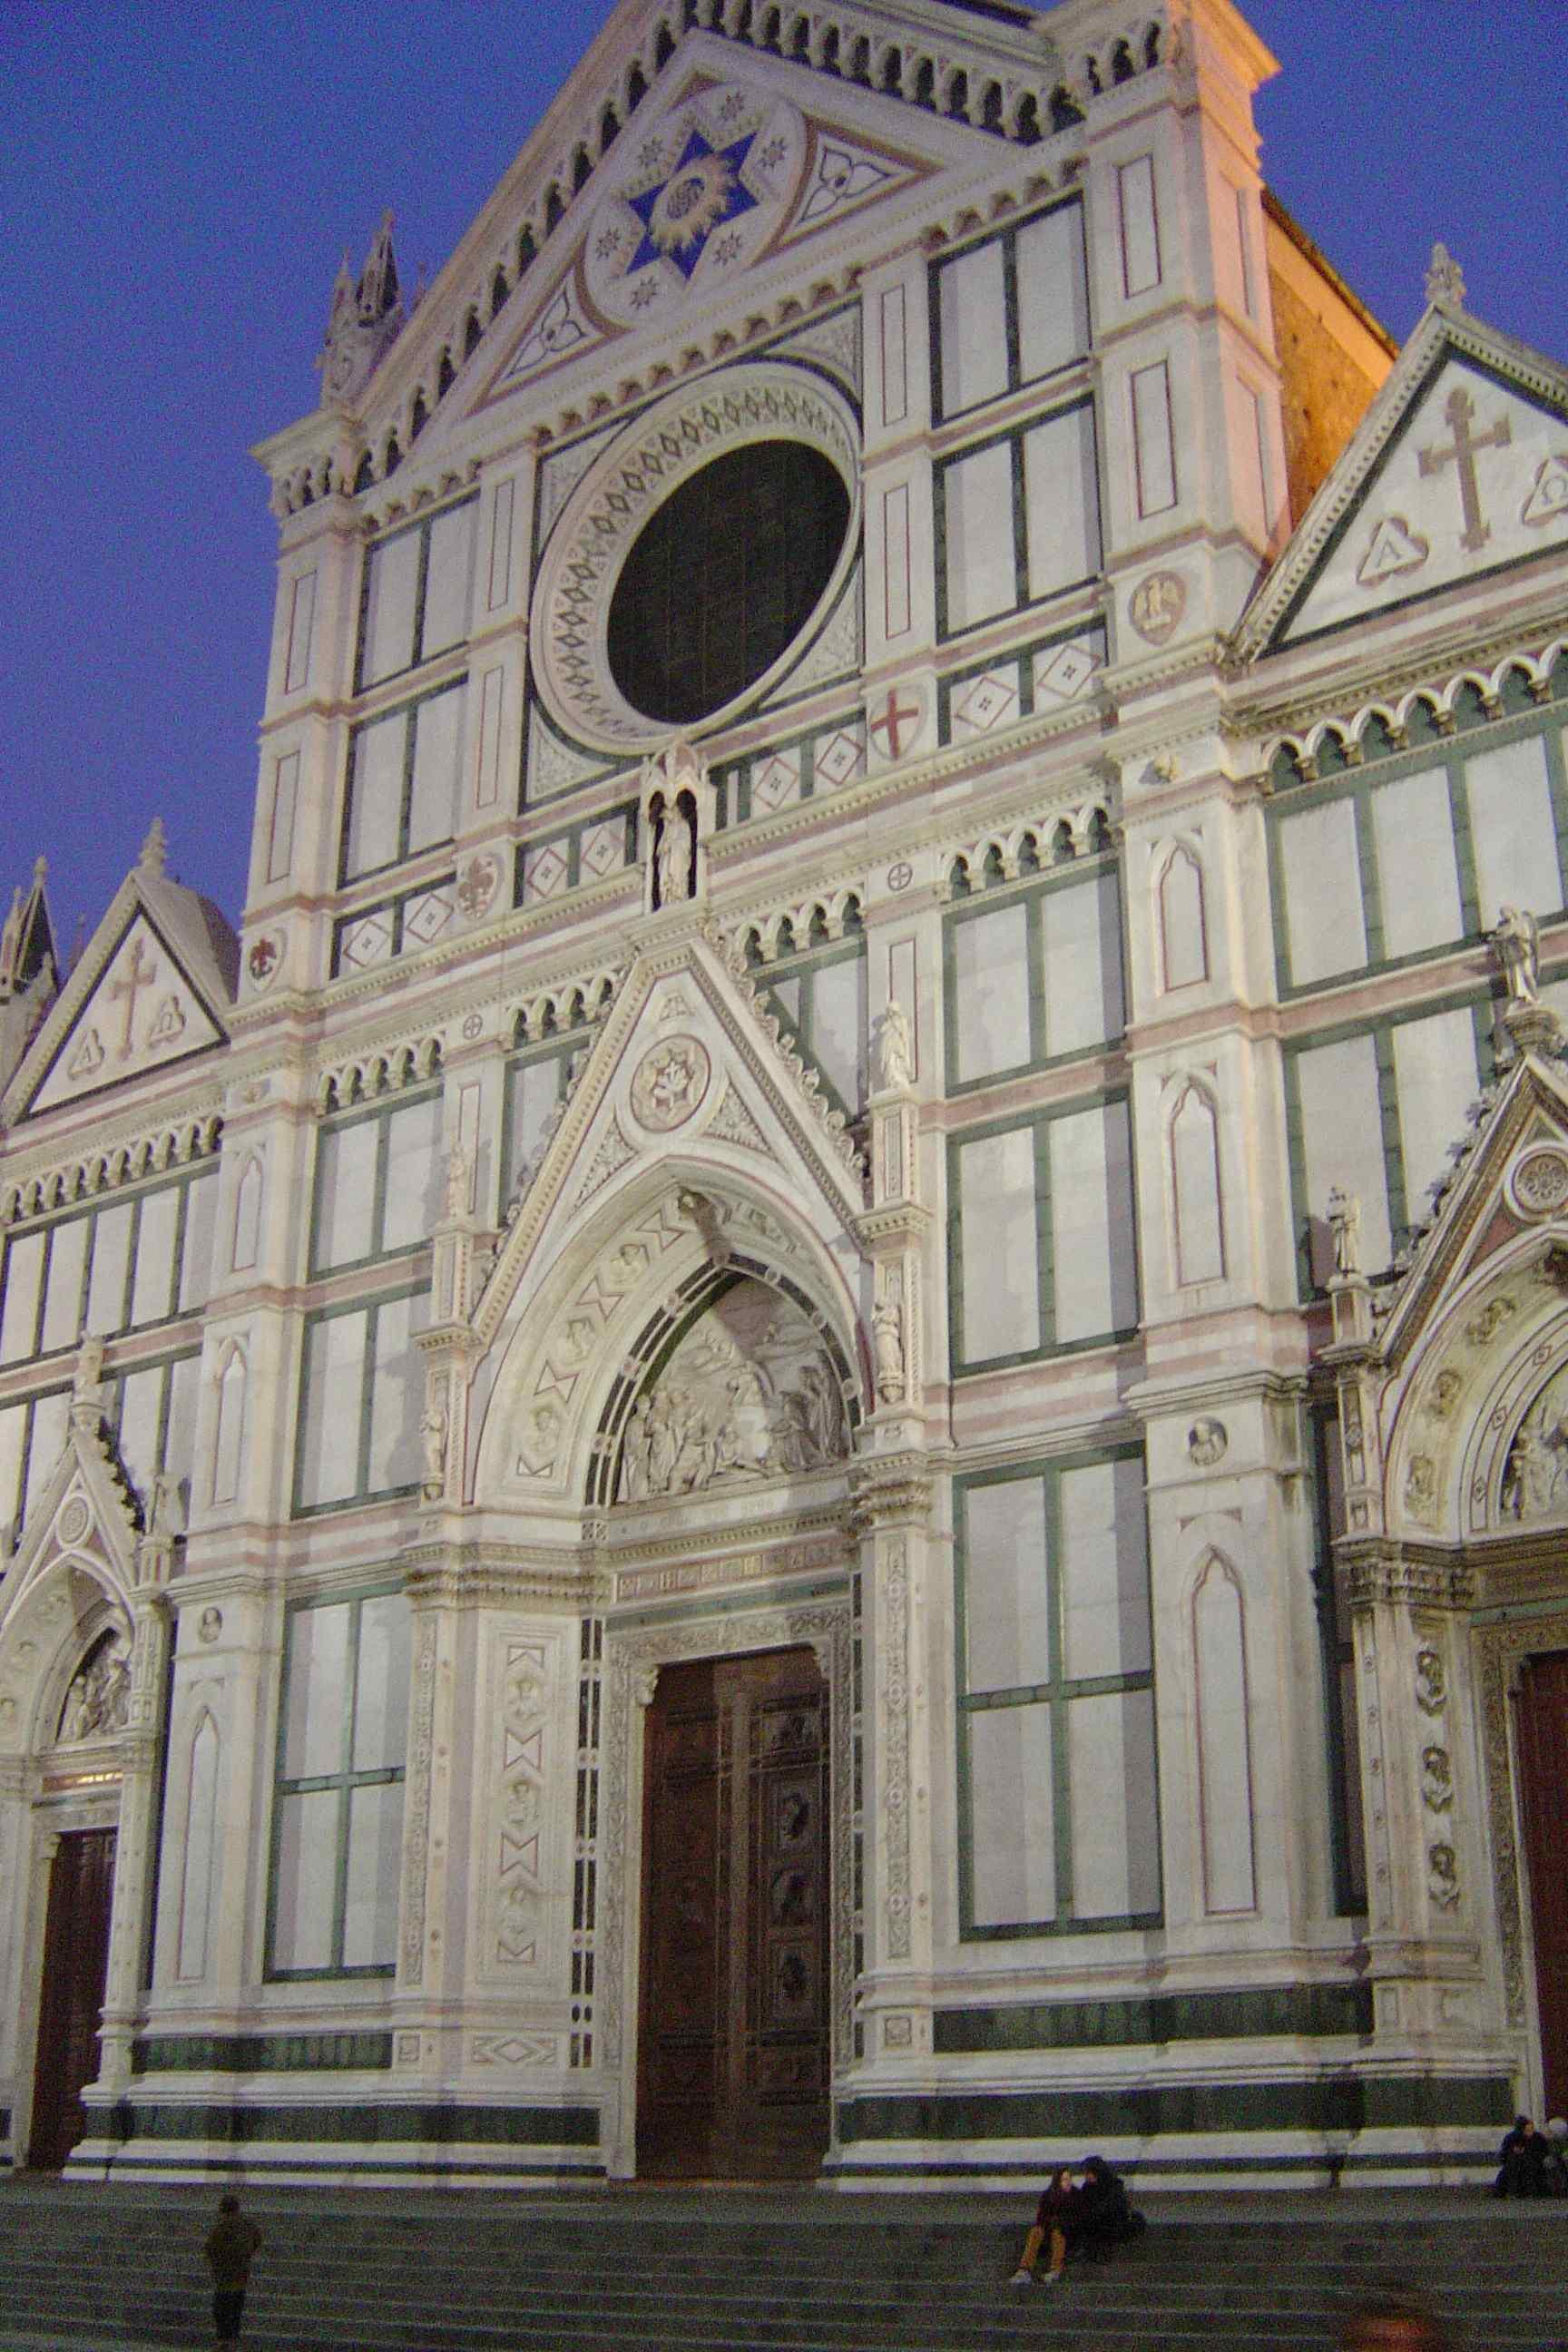 Florence_Santa_Croce_facade_1292